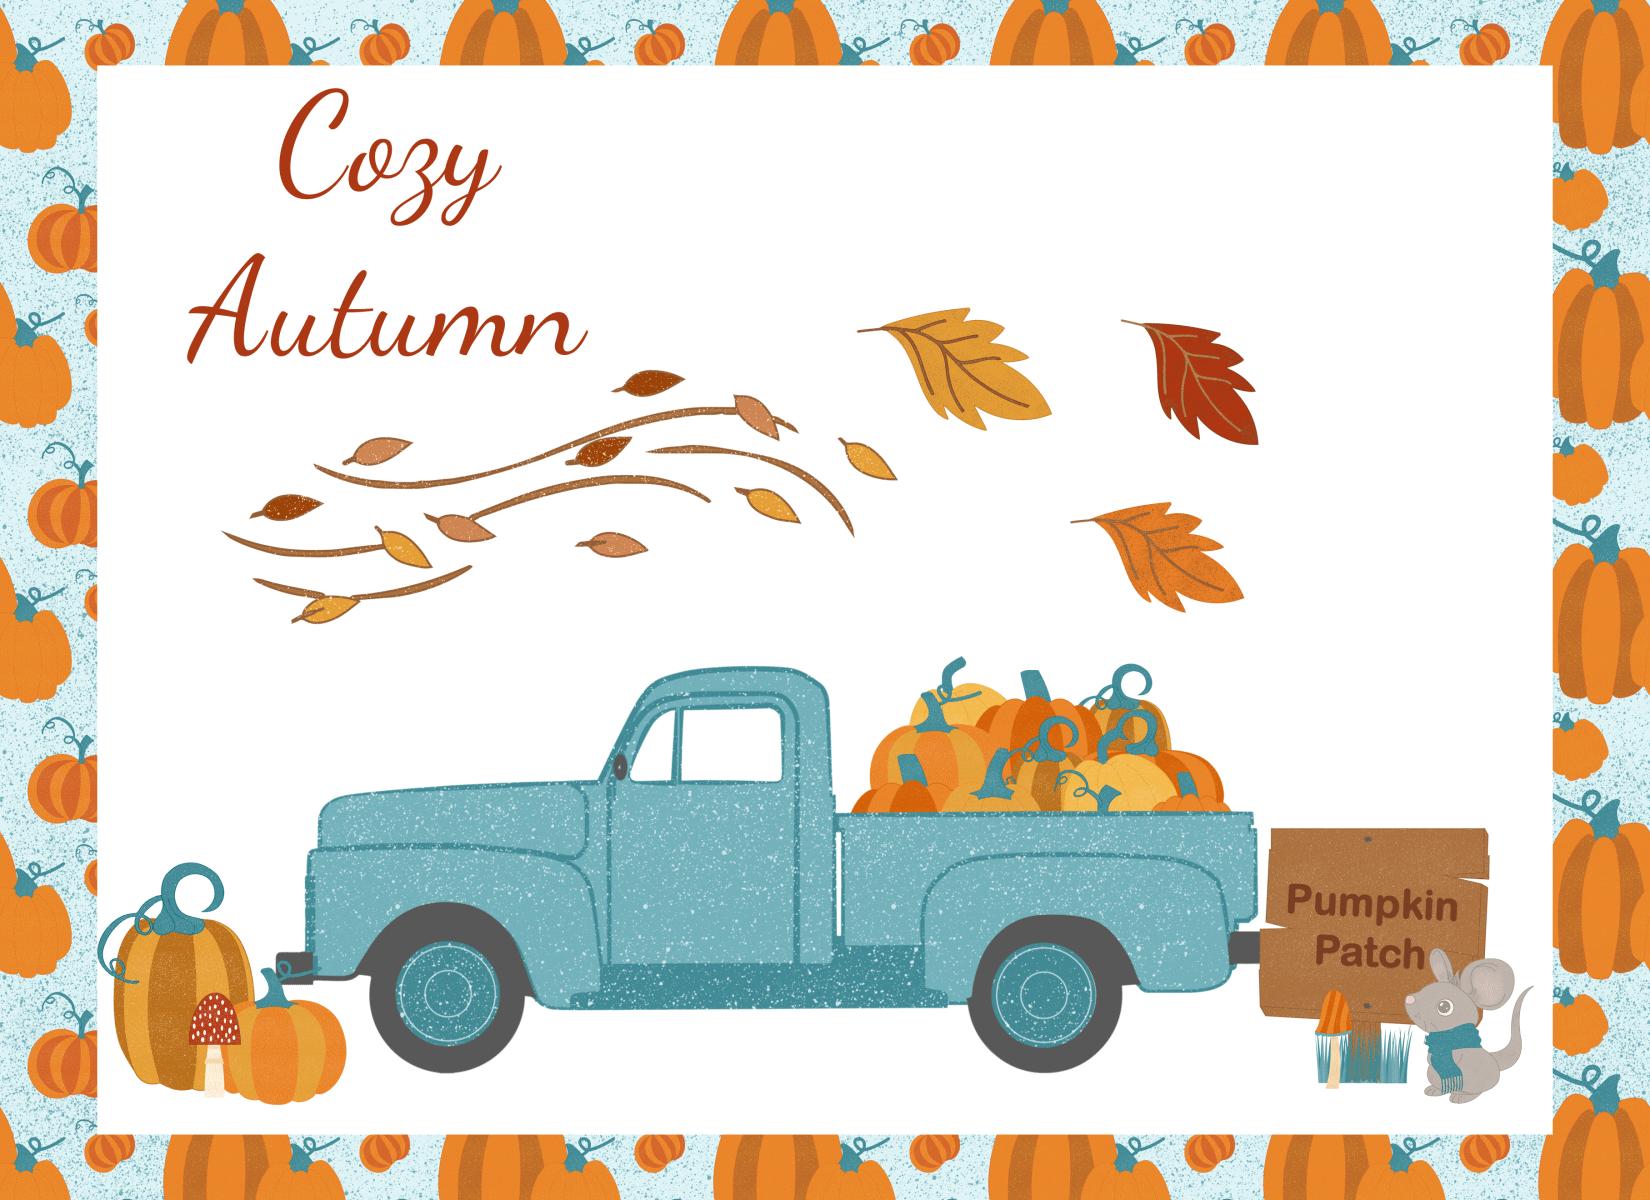 Cozy Autumn Color Graphics Image